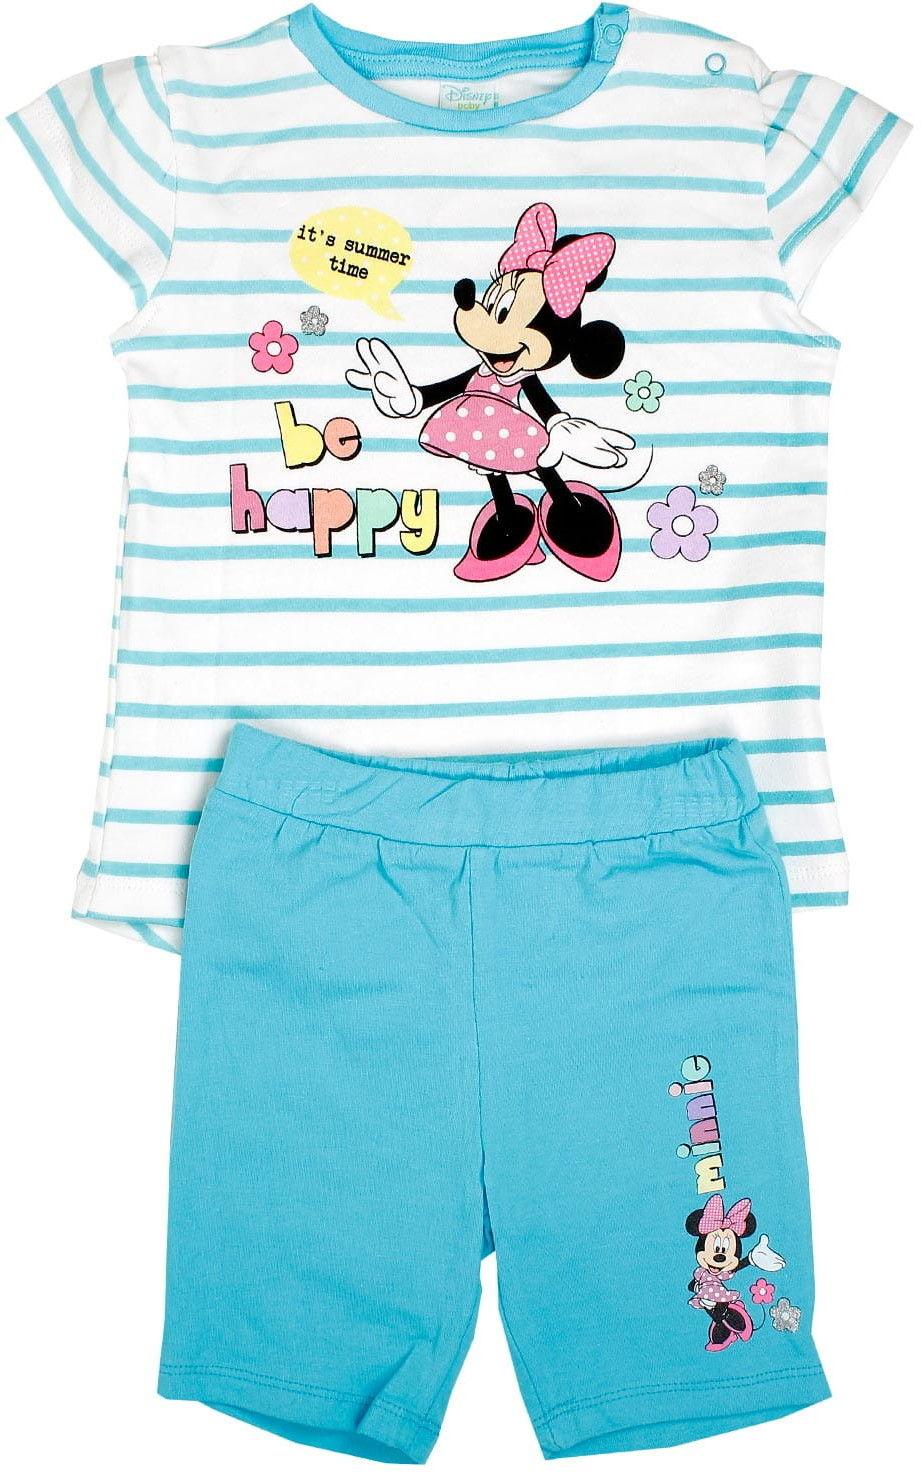 Komplet niemowlęcy dla dziewczynki MINNIE MOUSE bluzka i krótkie spodenki